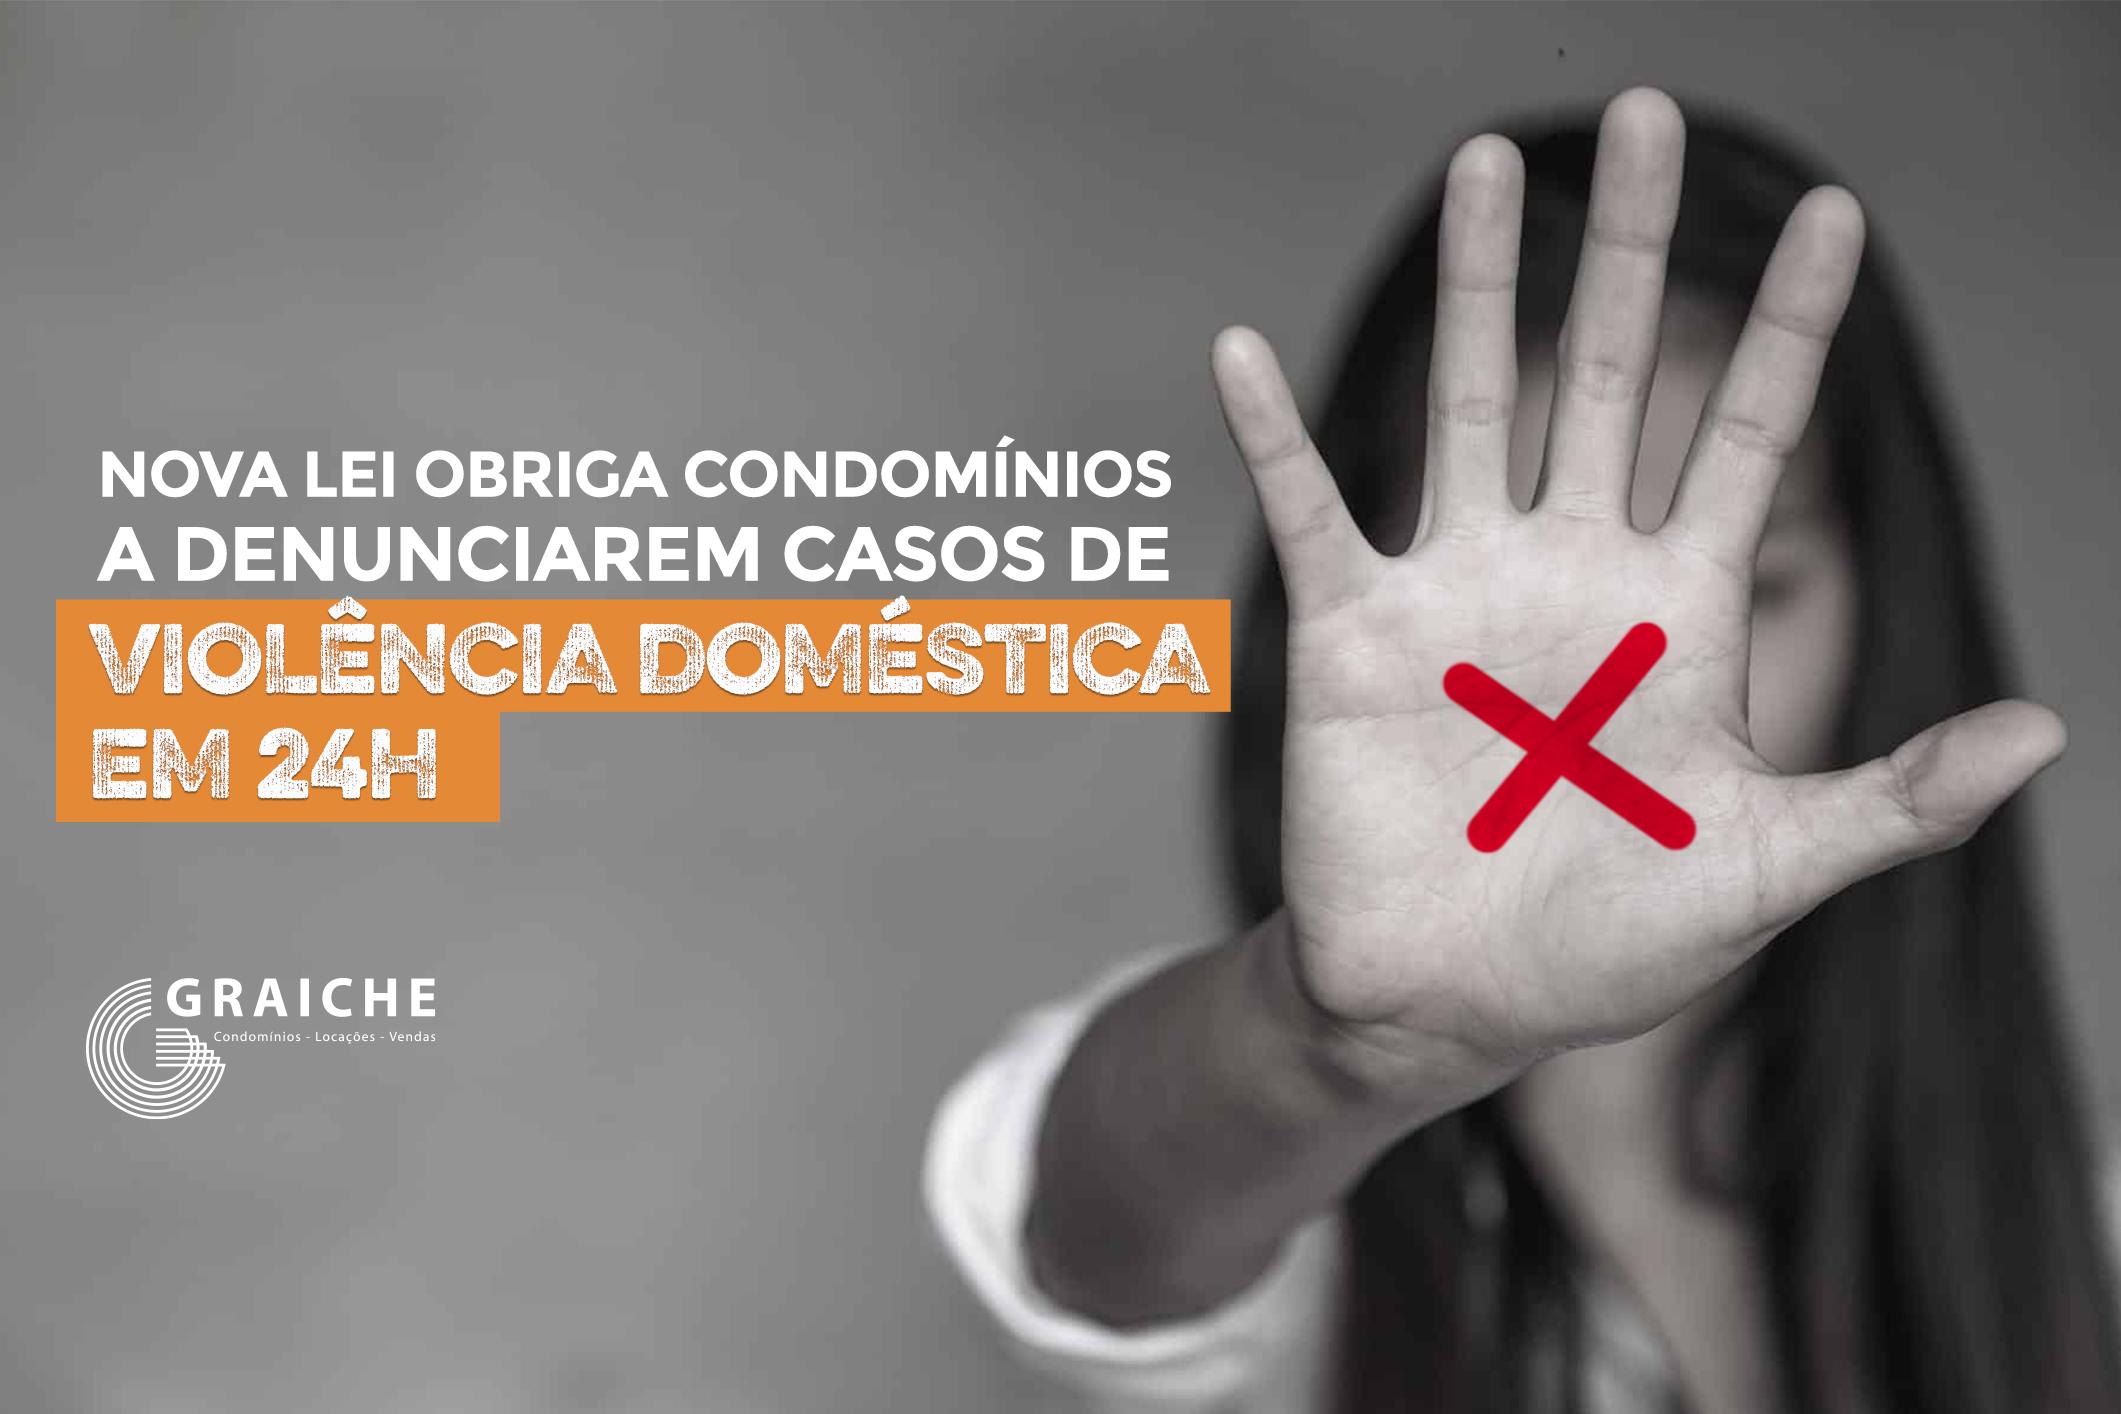 Nova lei obriga condomínios a denunciarem casos de violência doméstica em 24h